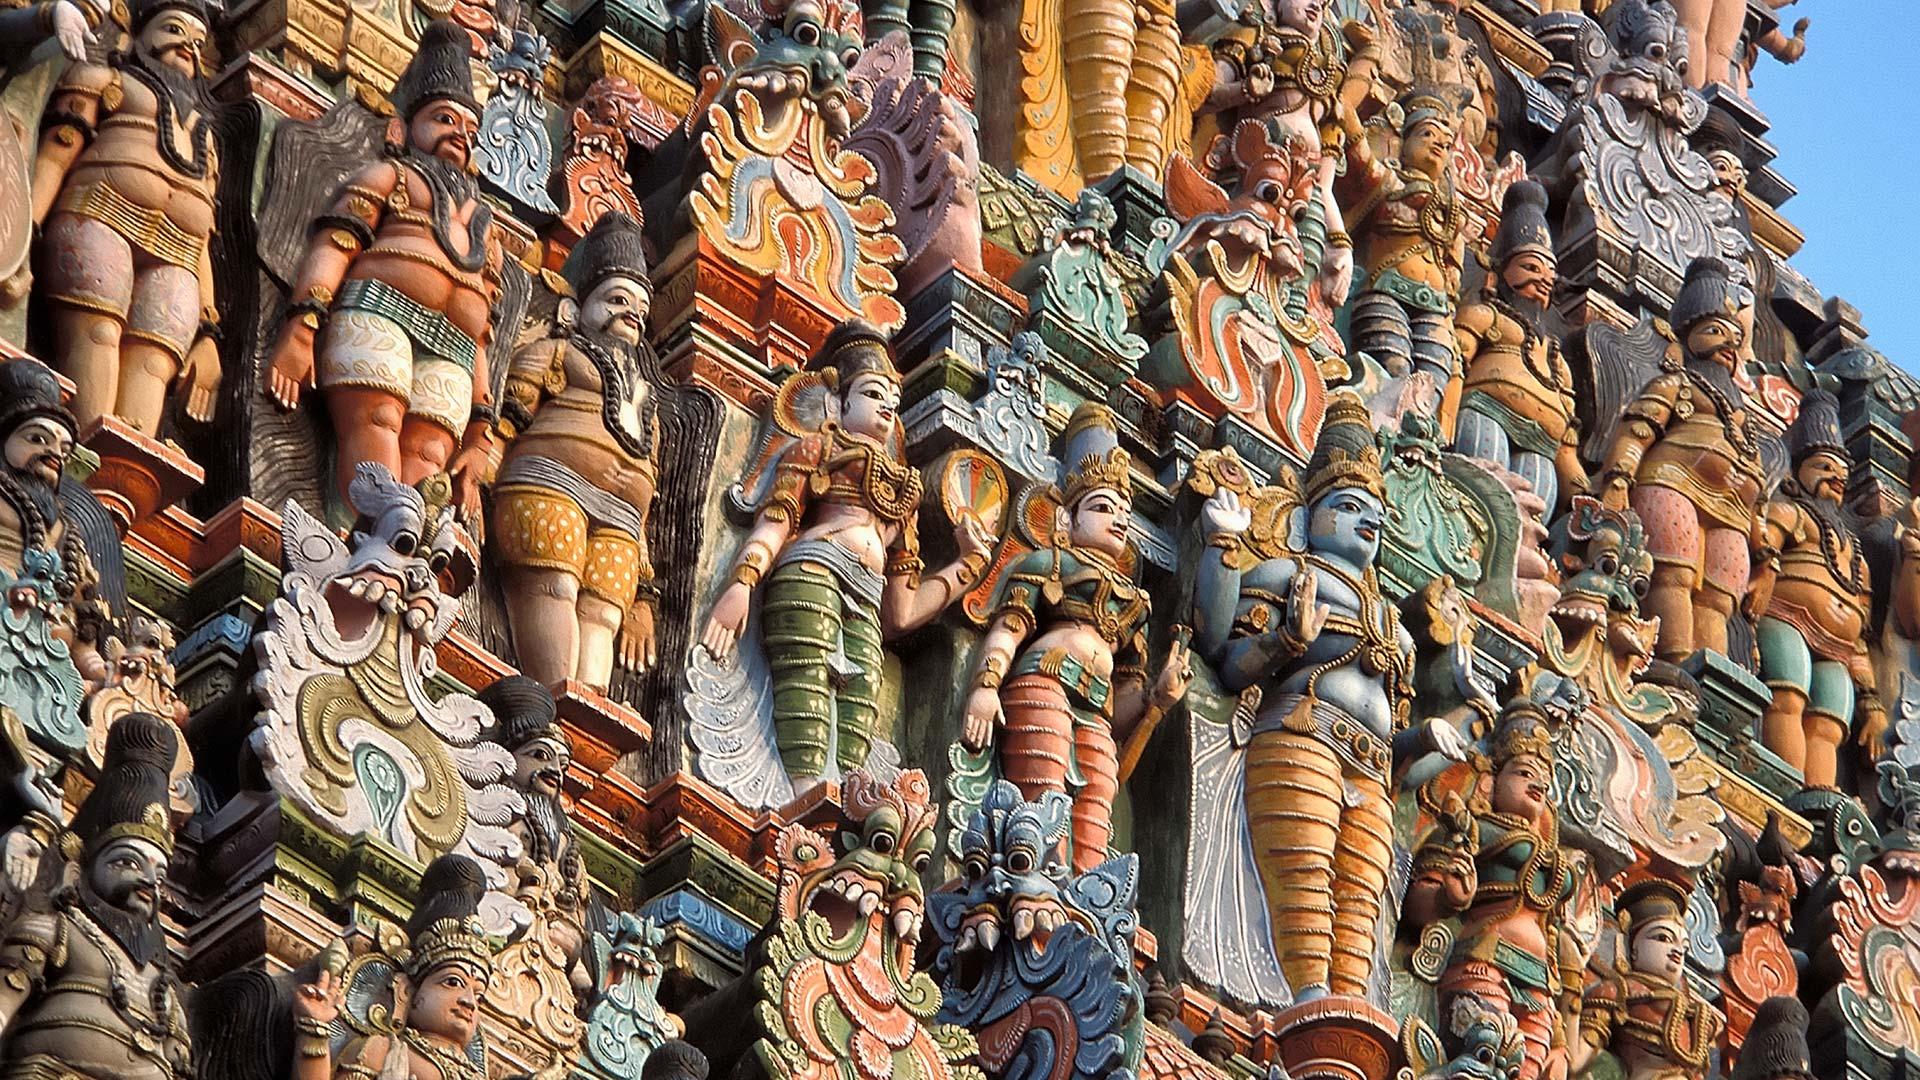 Gopuram detail of the Sri Meenakshi Temple in Madurai, India